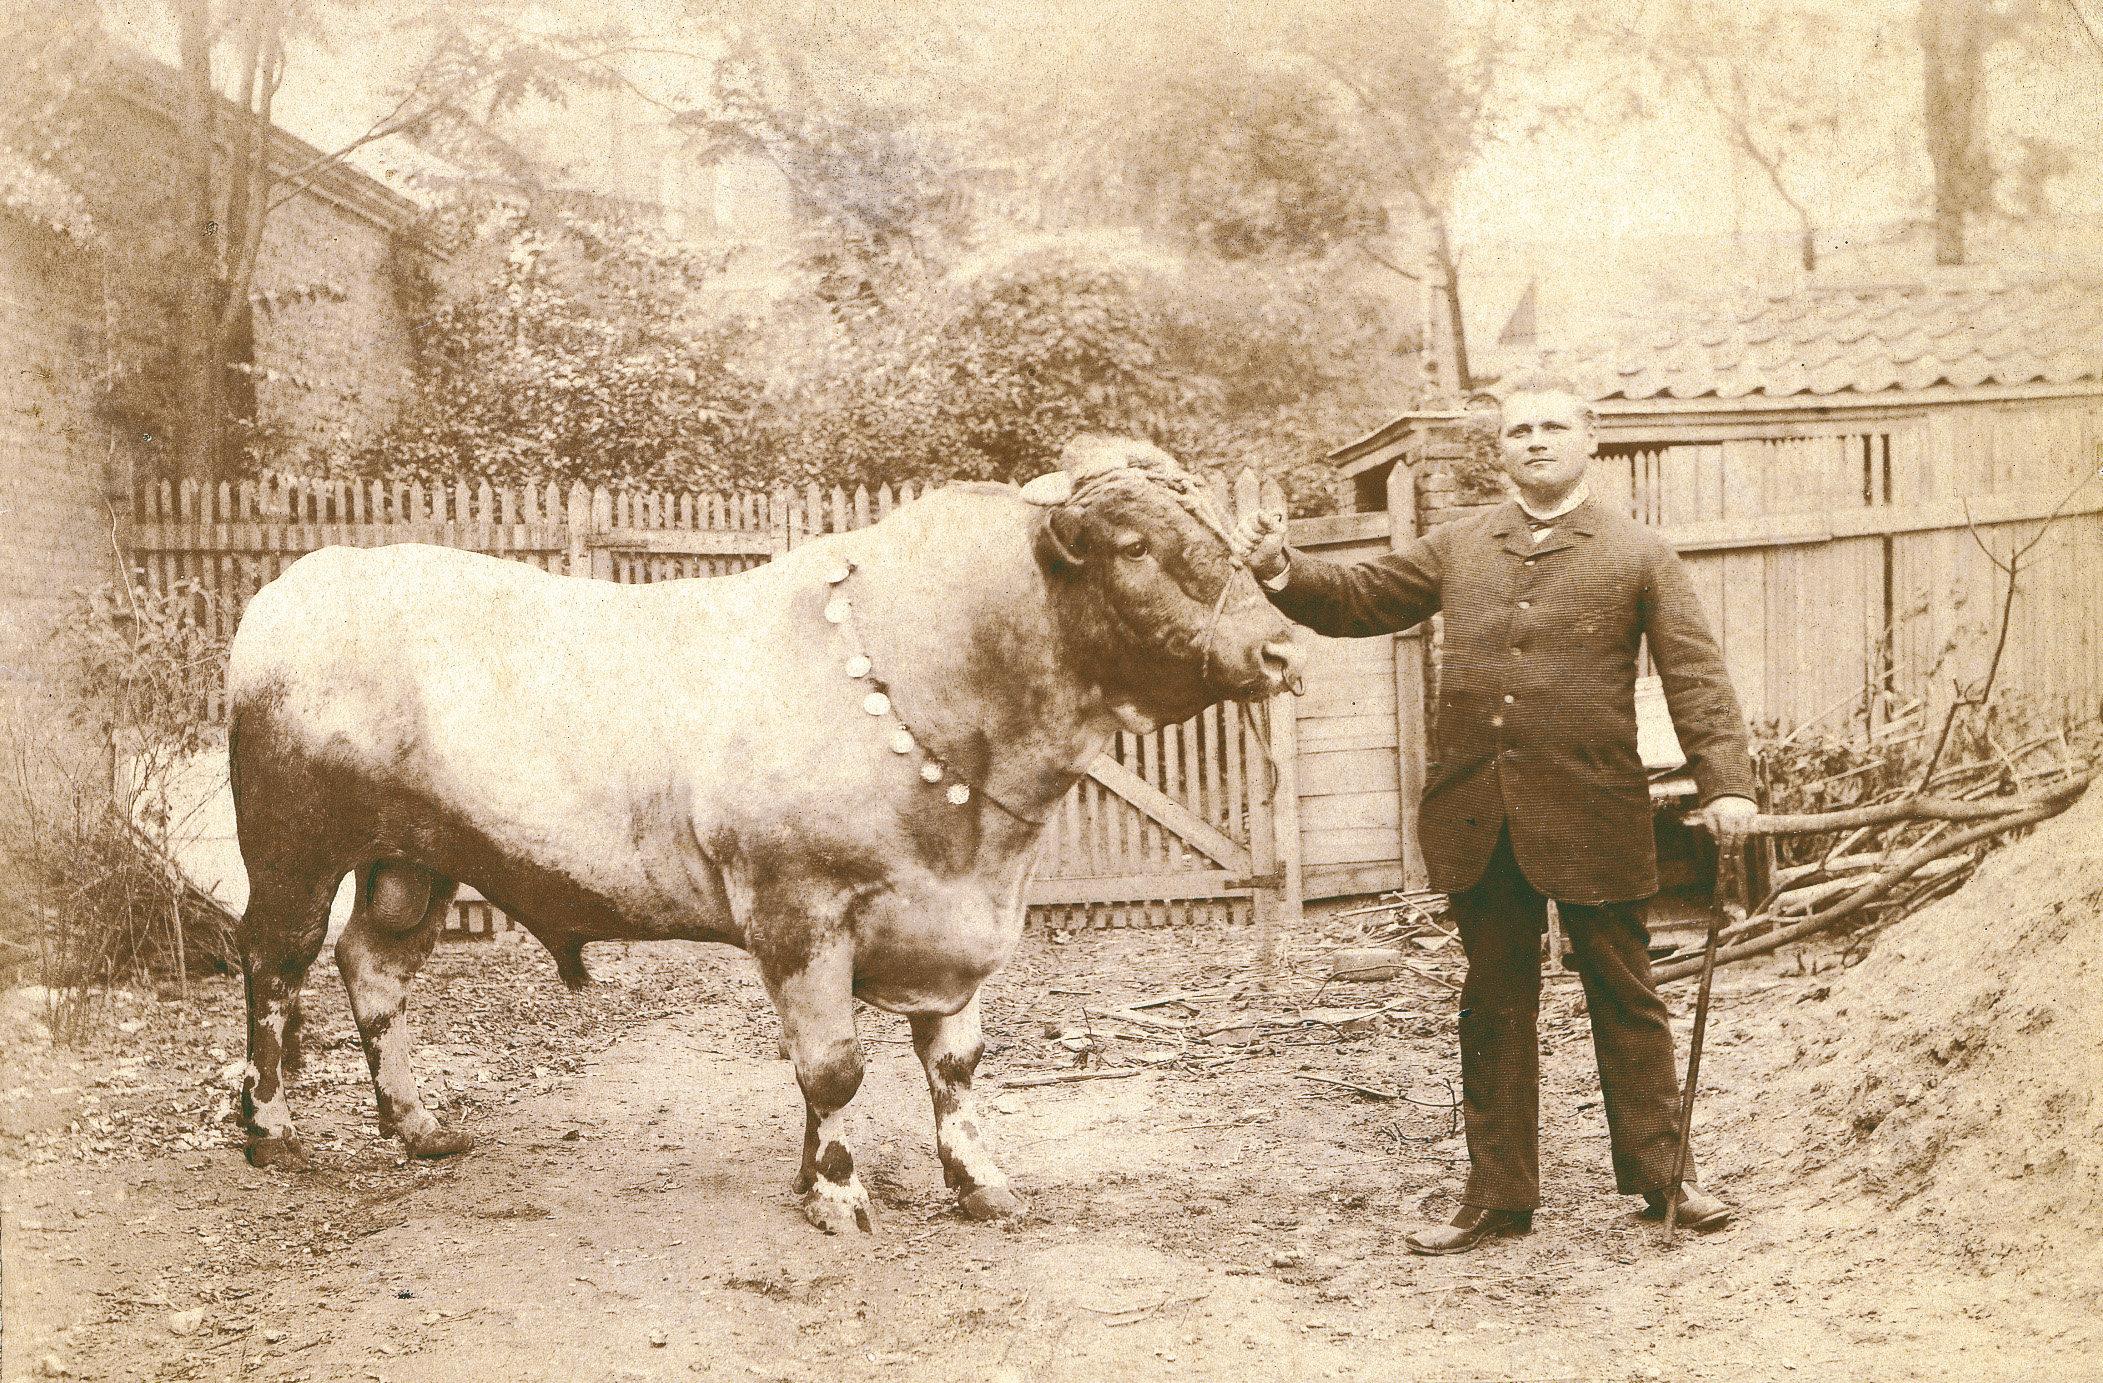 Aagje van Jan Stapel uit Oudendijk, Amerikaanse koeienkopers uit de 19e eeuw